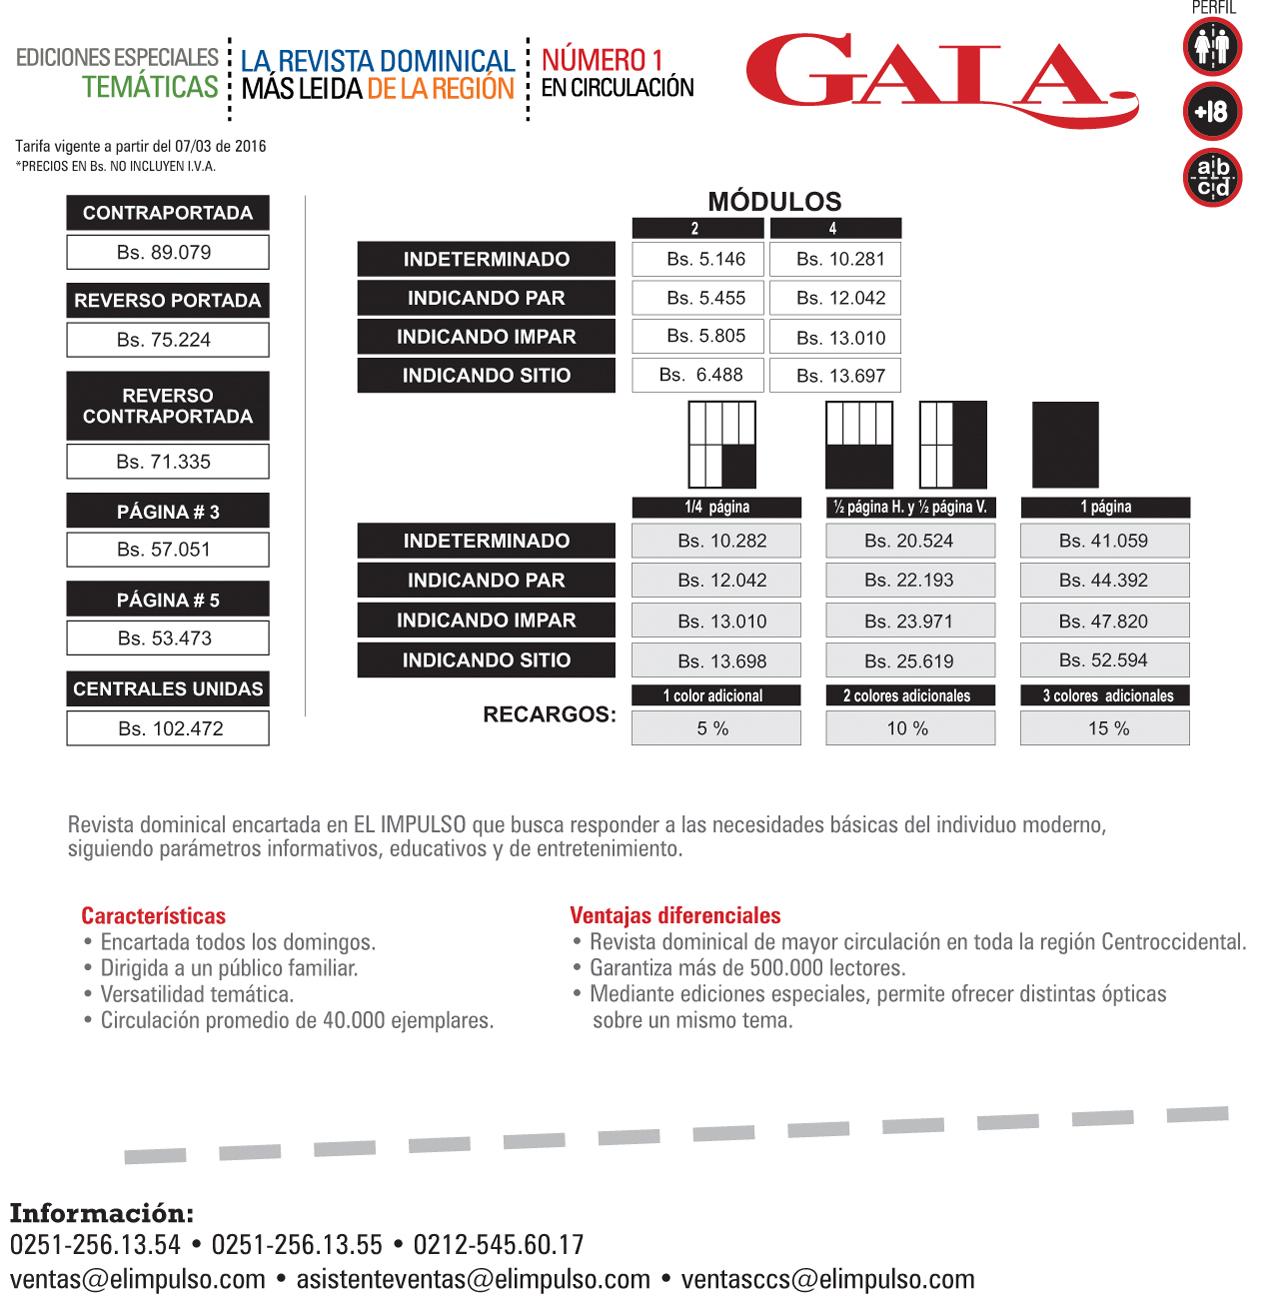 gala_marzo_16